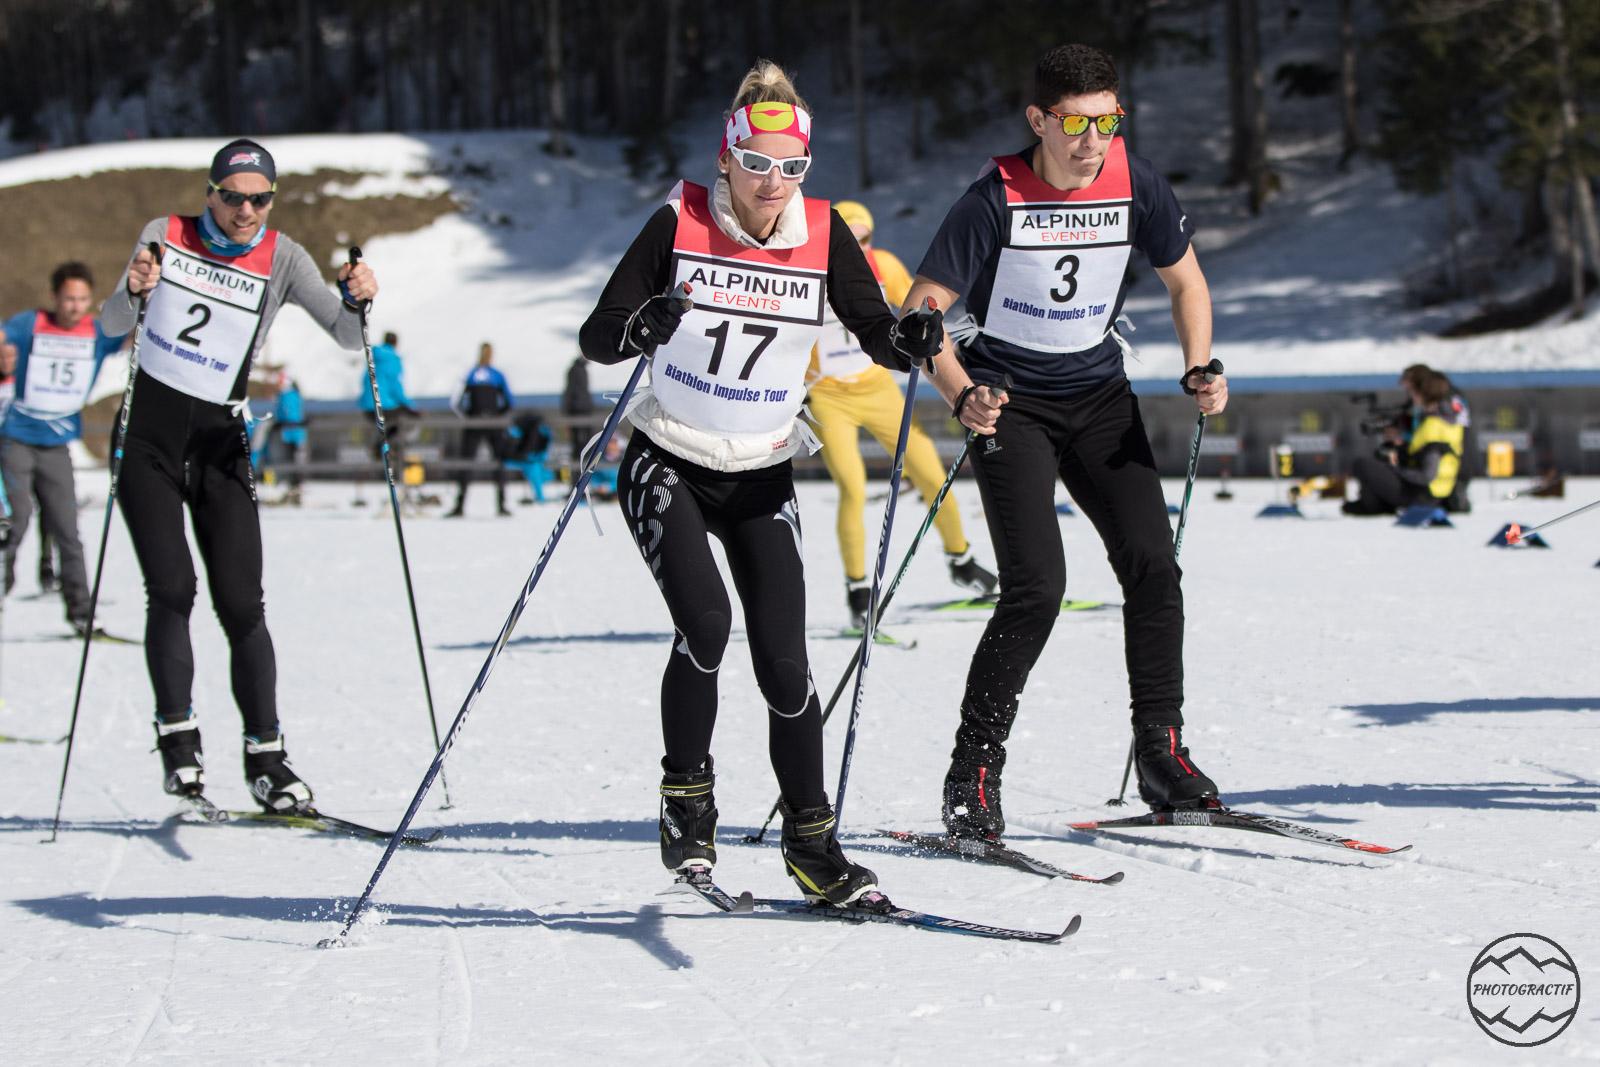 Biathlon Alpinum Les Contamines 2019 (5)